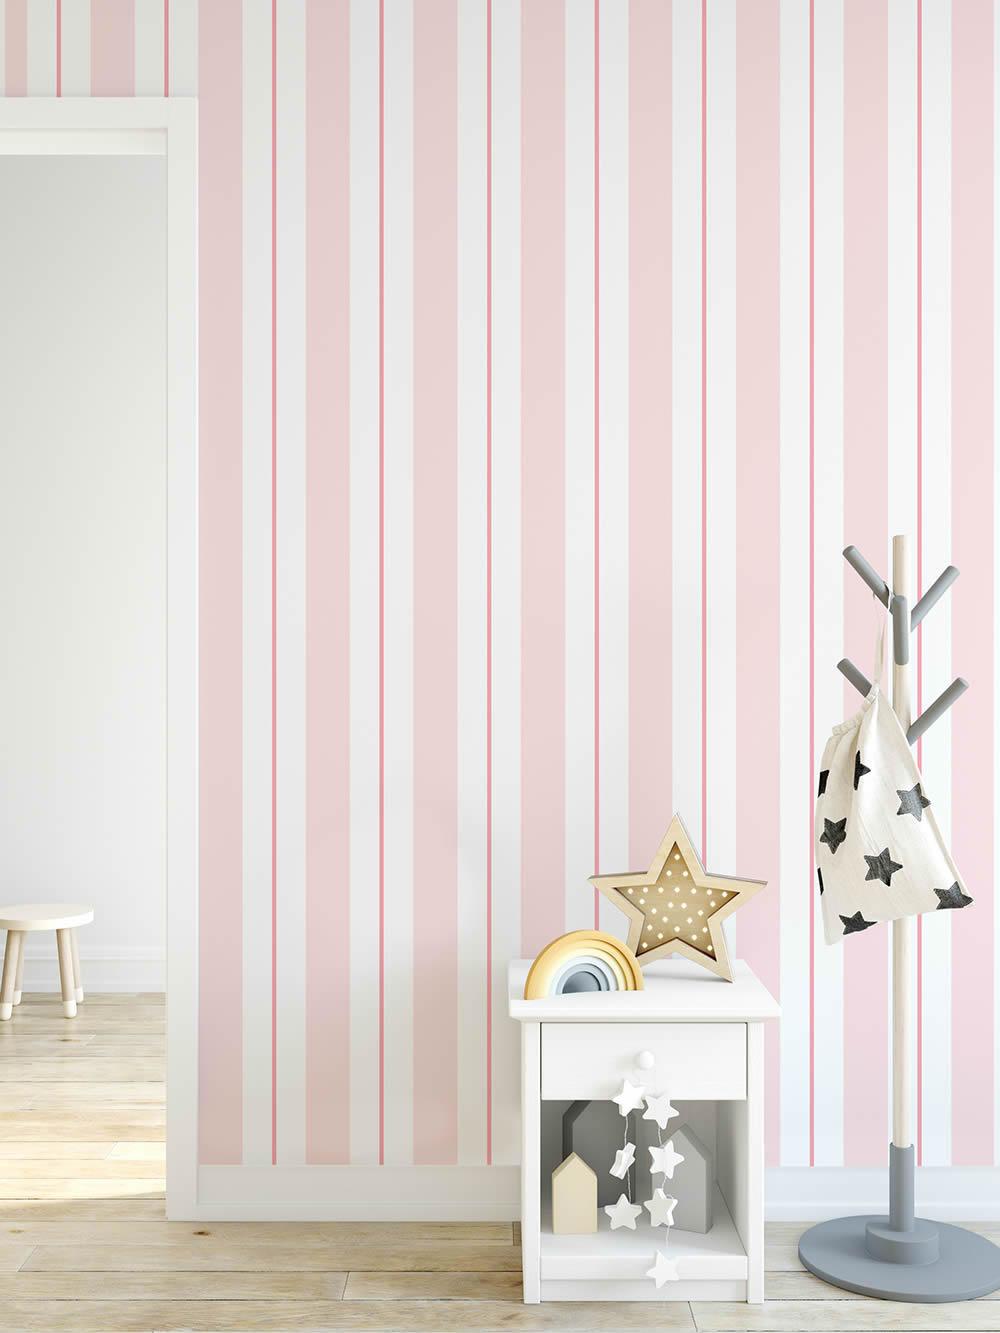 Madchenzimmer Streifentapete Weiss Rosa Pink Mustertapete In 2020 Gestreifte Tapete Haus Deko Rauminspiration